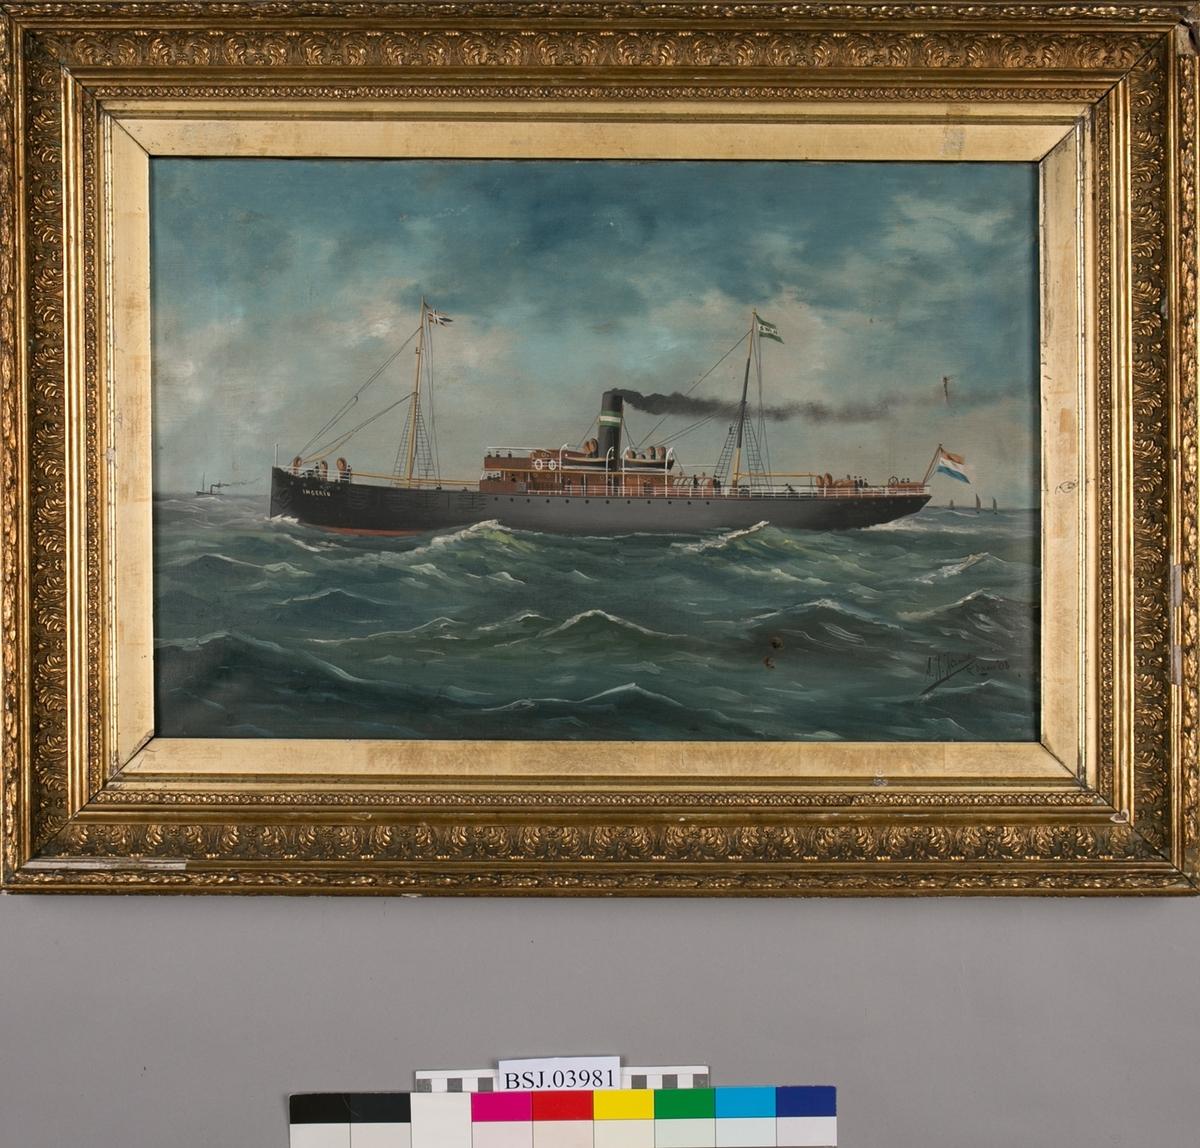 DS INGERID i rom sjø, skyer og bølger. Et dampskip og tre små seilbåter i bakgunnen. Skipet har to master. Norsk splittflagg i fremste mast, rederiflagg i aktermast. Nederlandsk flagg i akter.